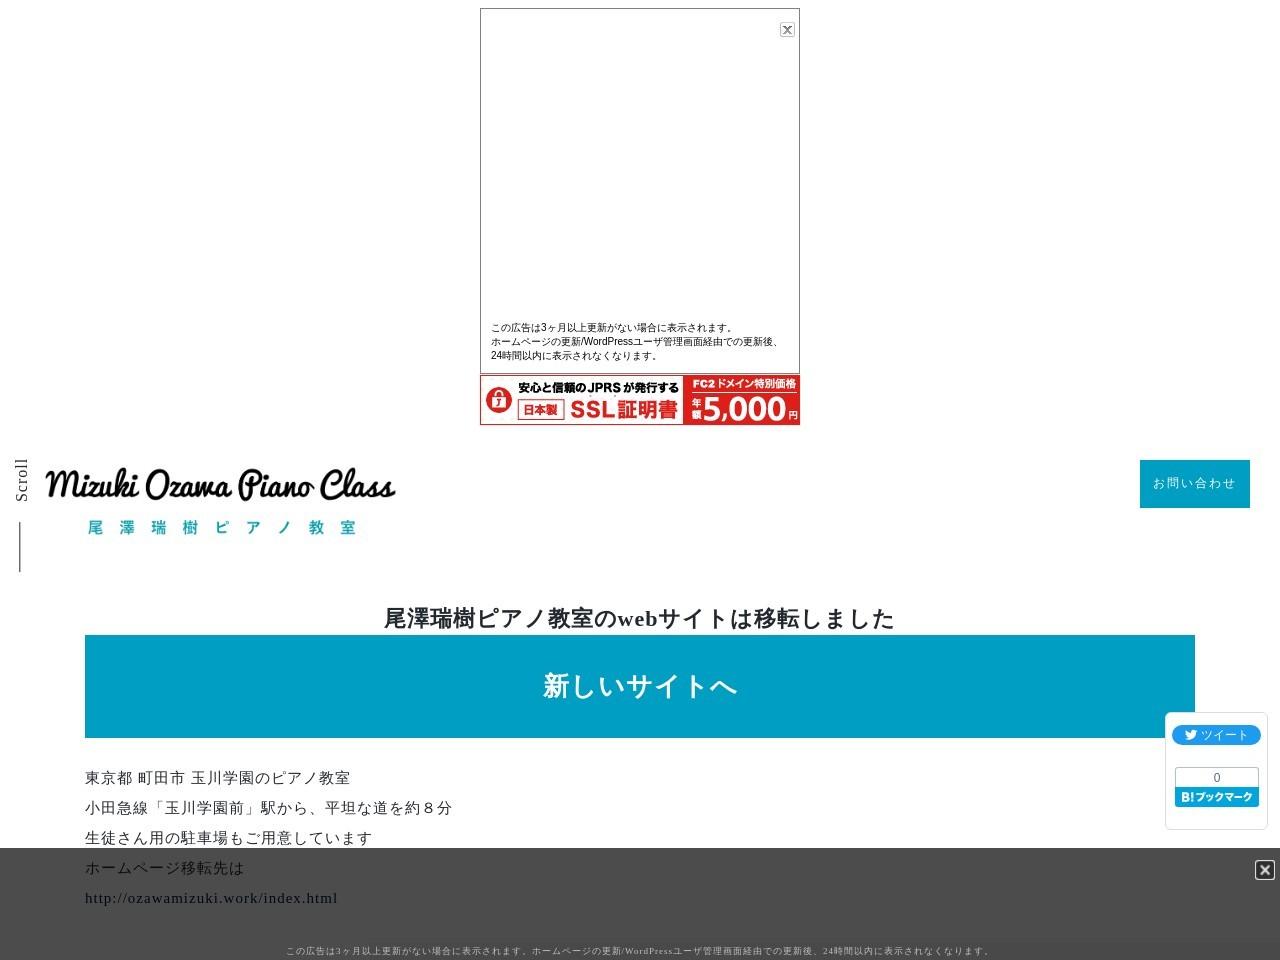 尾澤瑞樹ピアノ教室のサムネイル